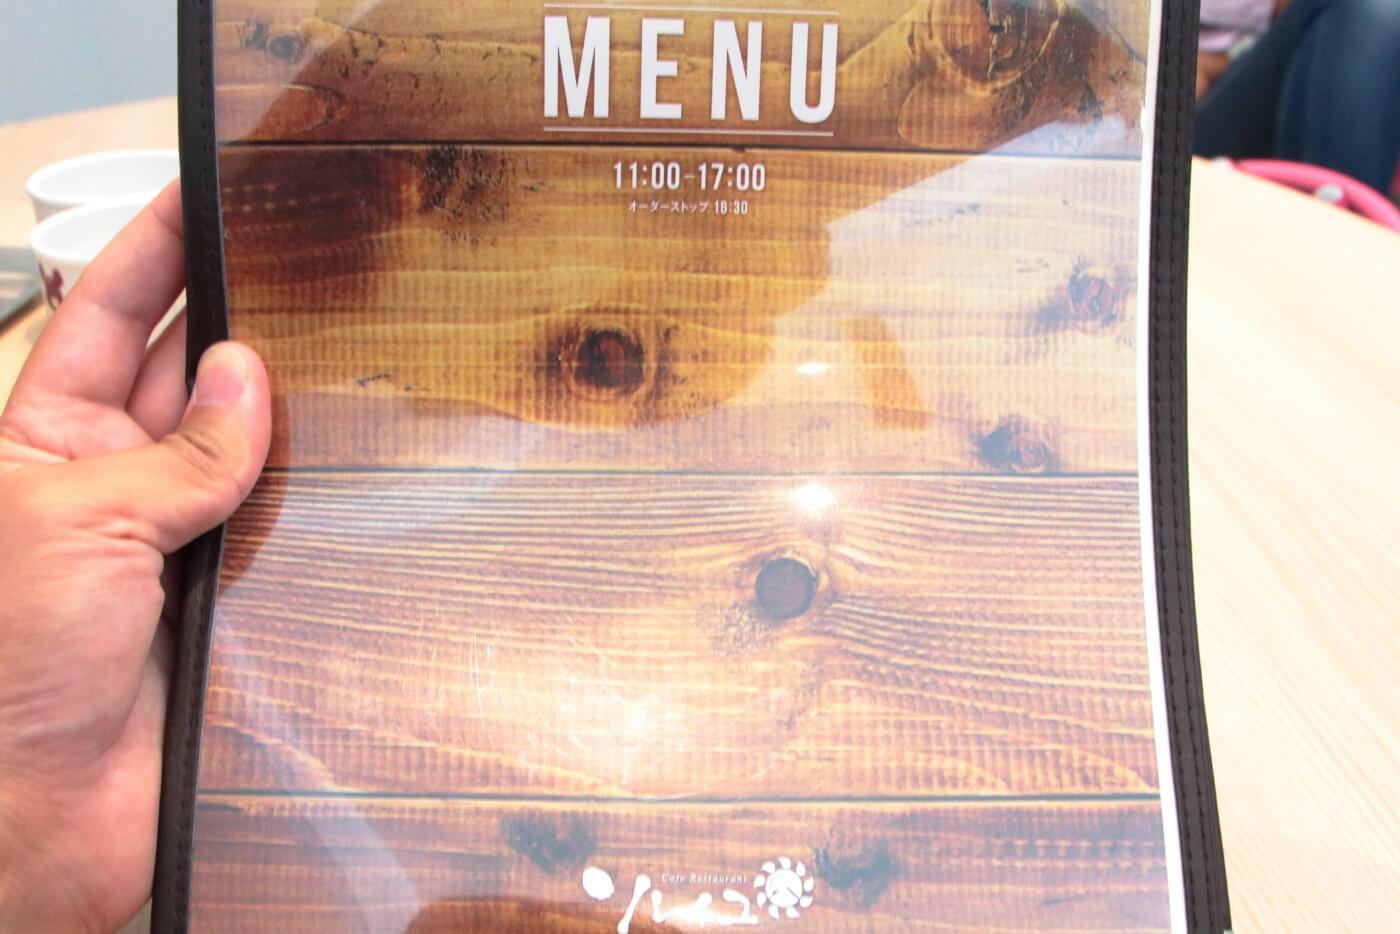 高知市のCafe&Restaurant ソレイユ メニュー